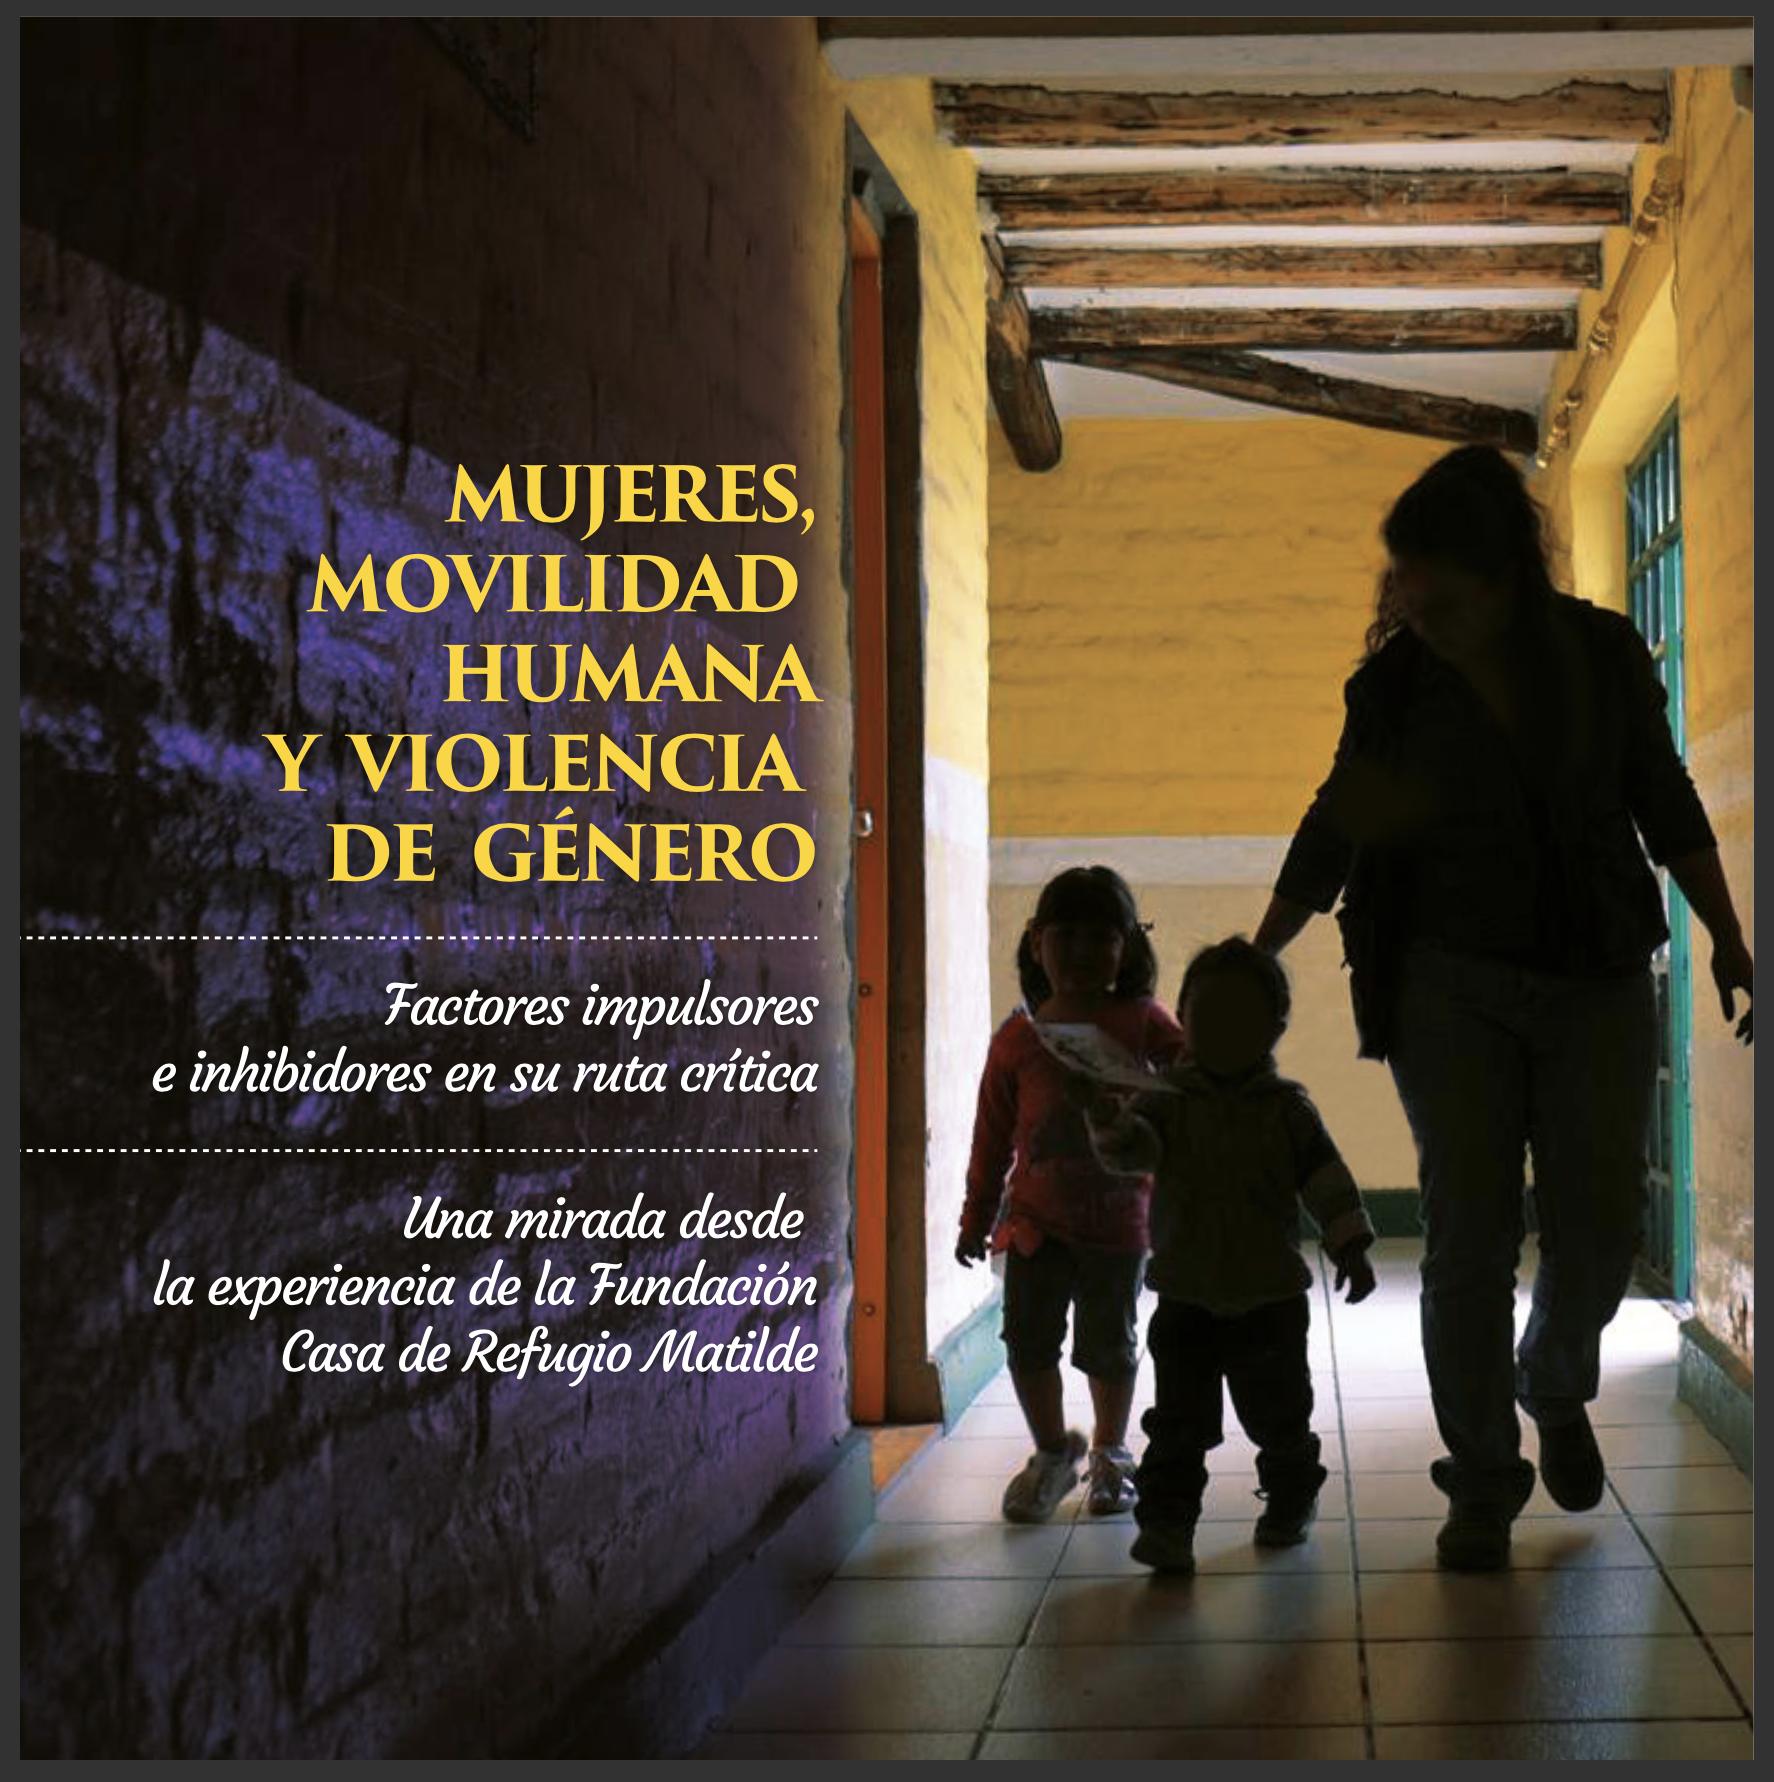 Mujeres, Movilidad Humana y Violencia de Género